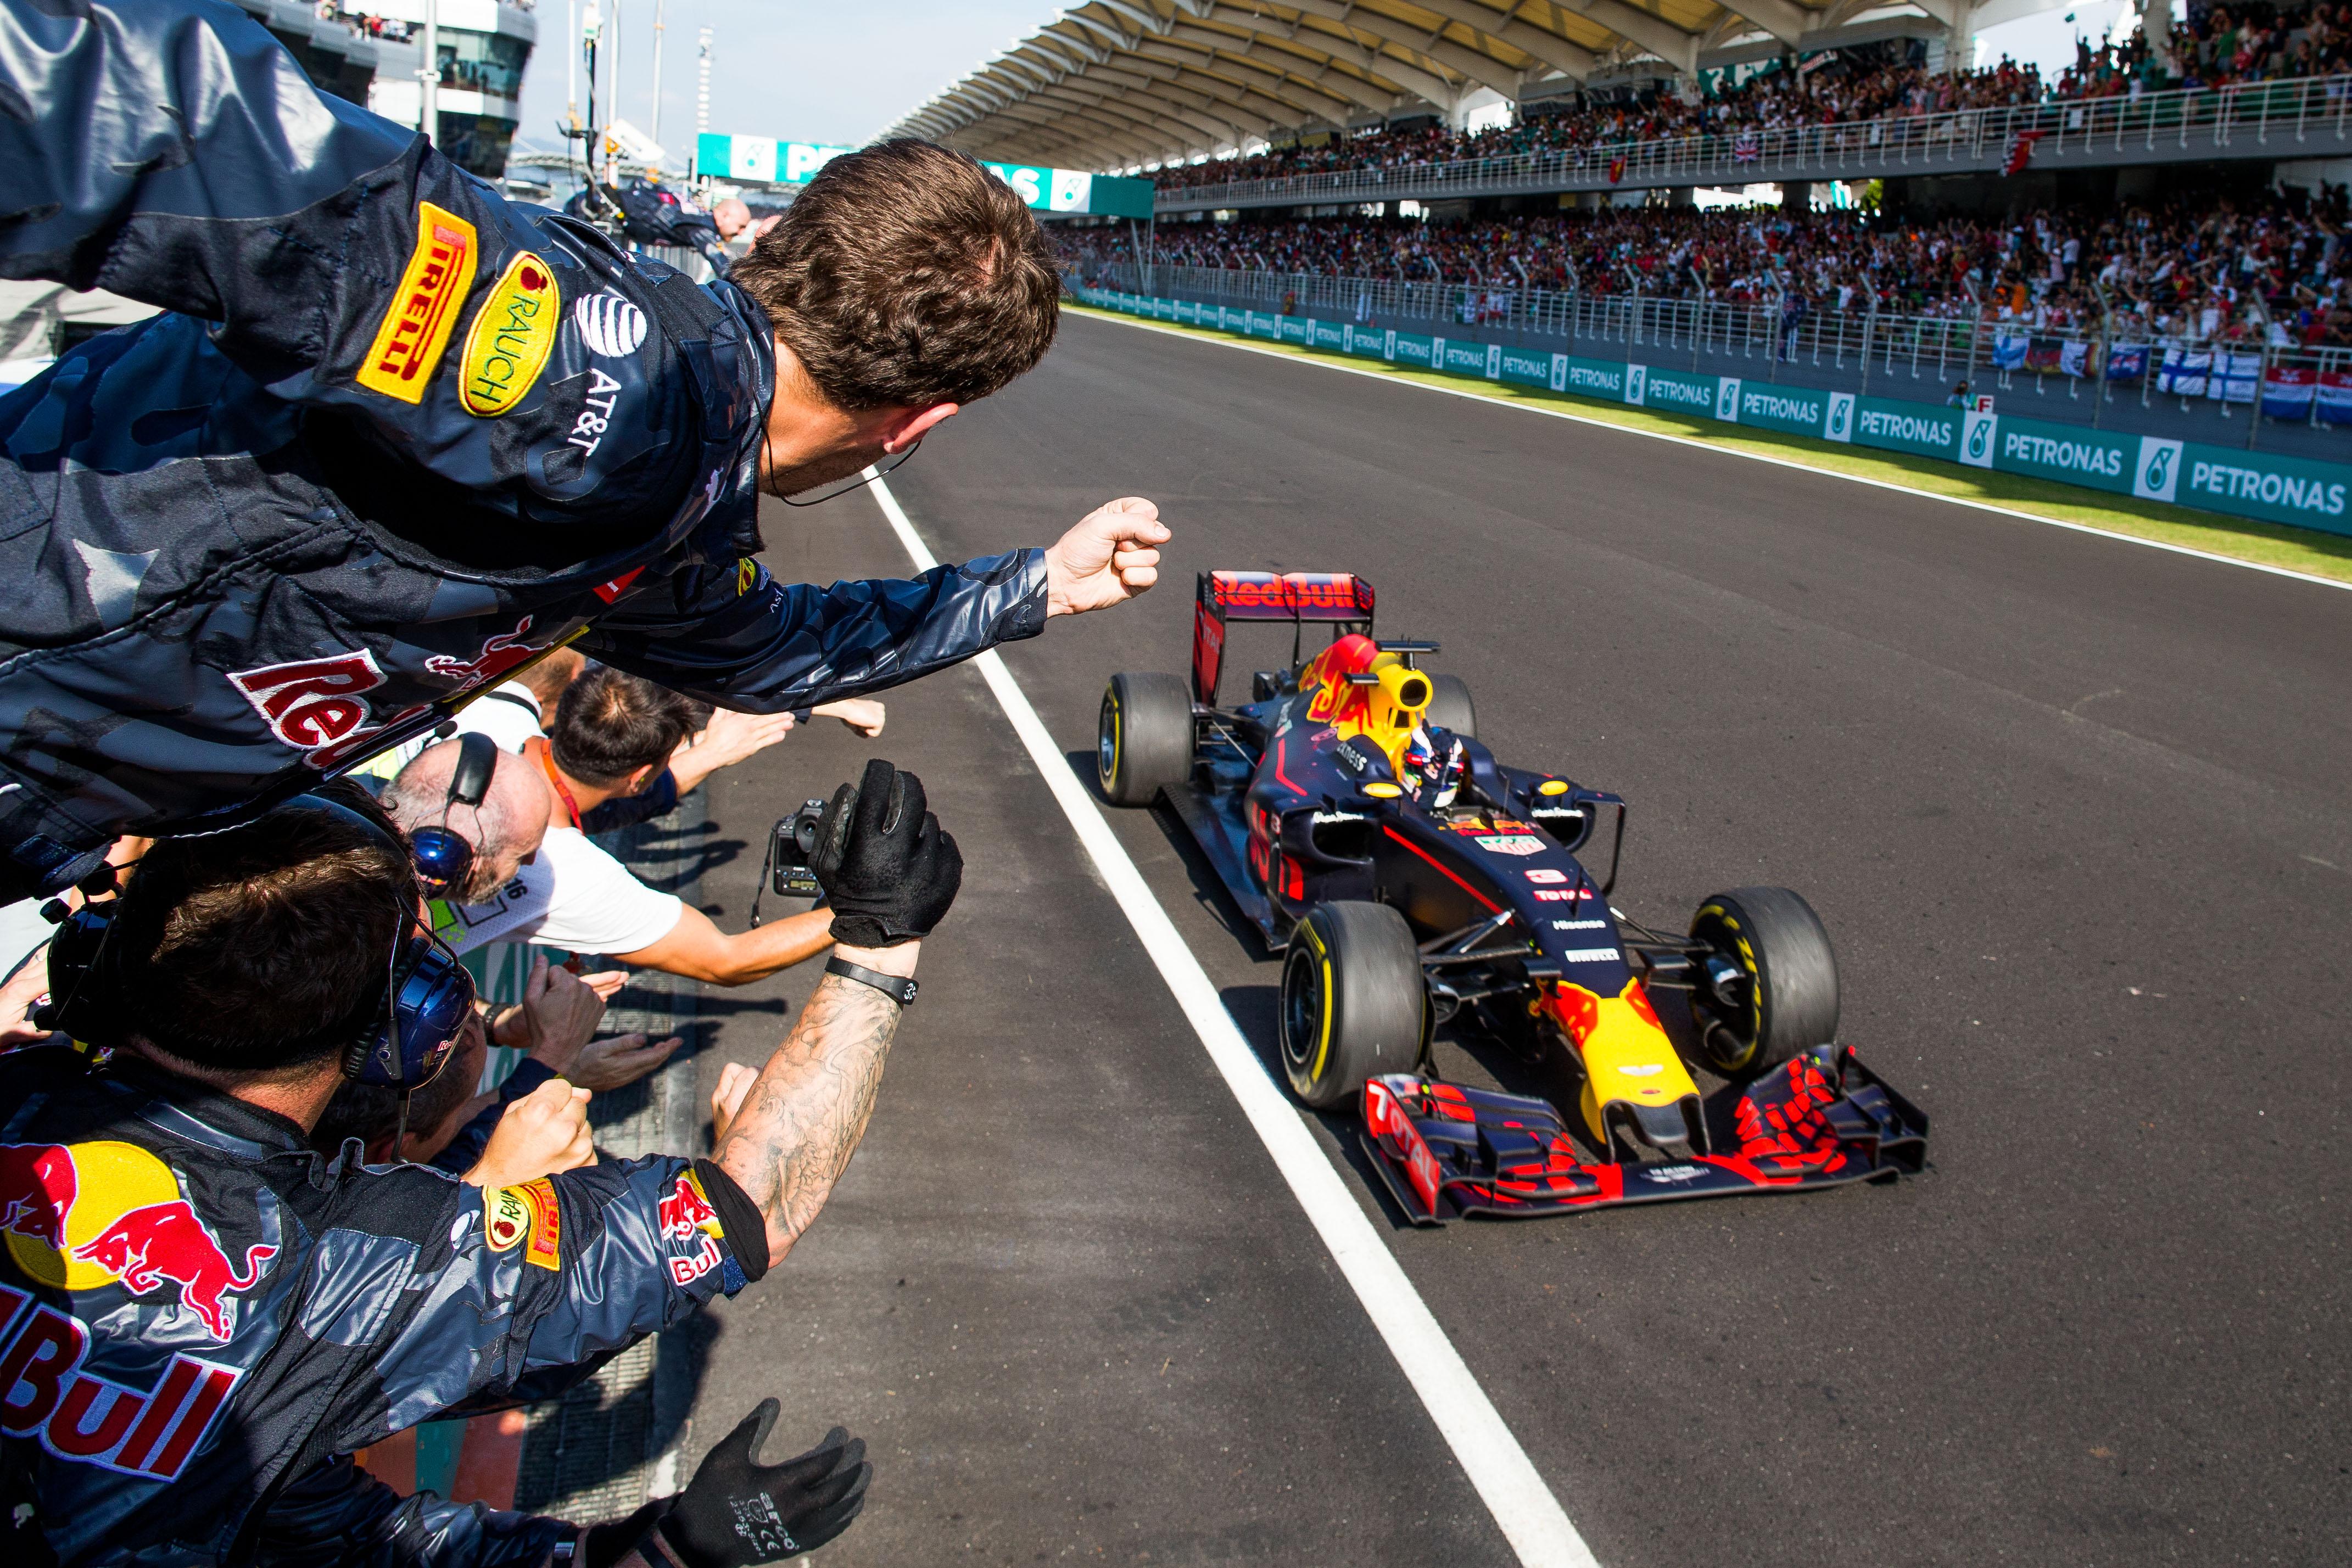 Как судьба распределила испытания инаграды вжарком Гран-при Малайзии. Фото 5